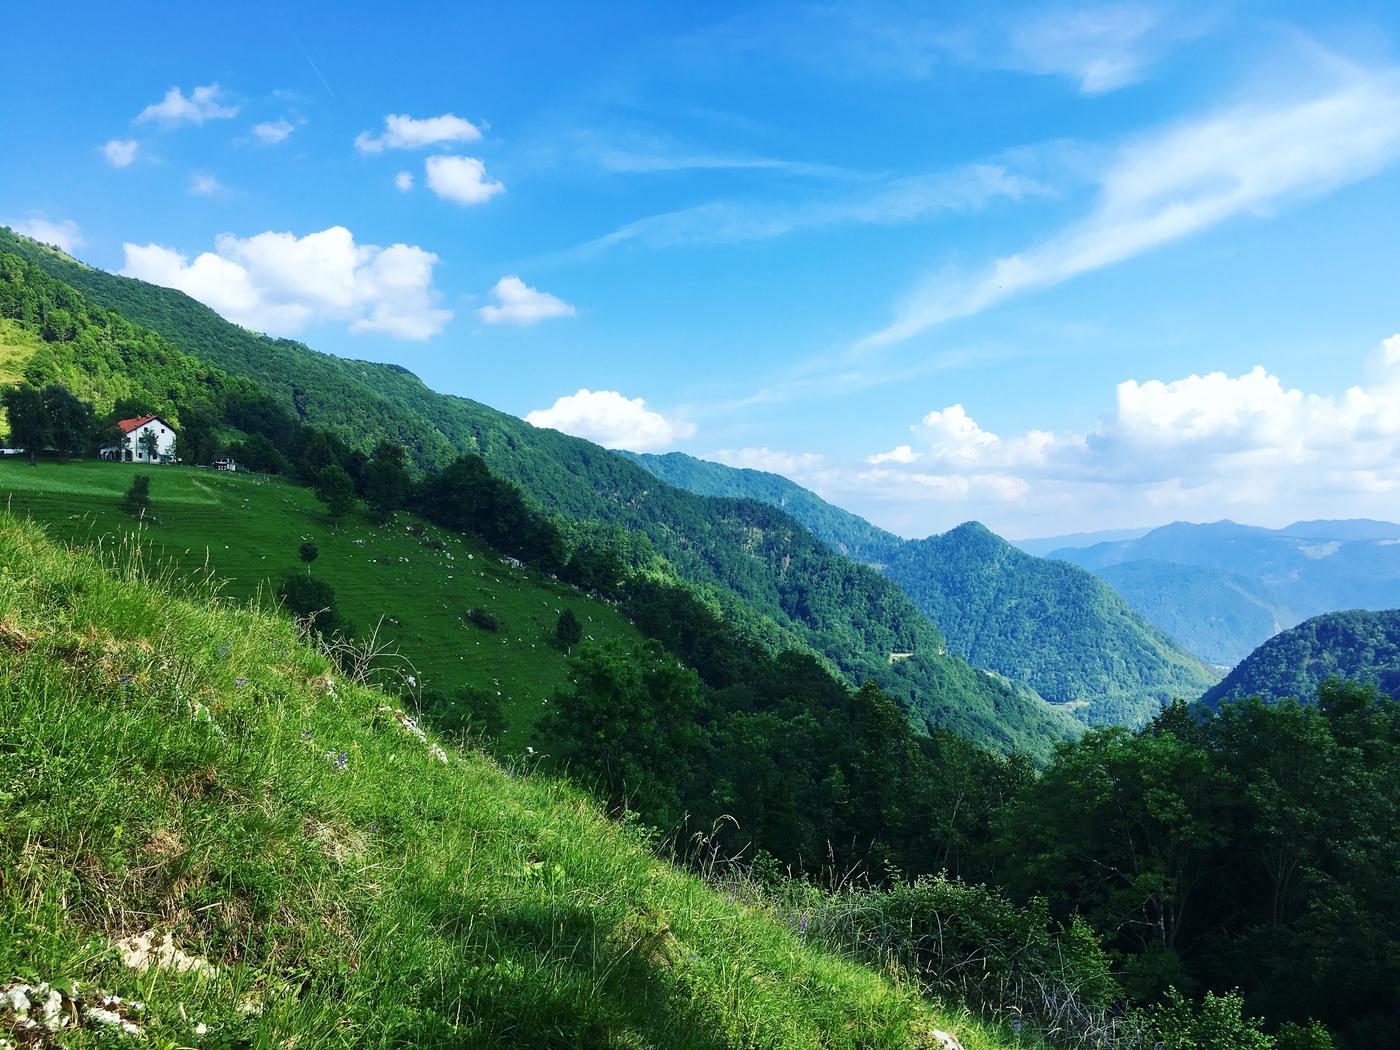 vuorille ja takaisin